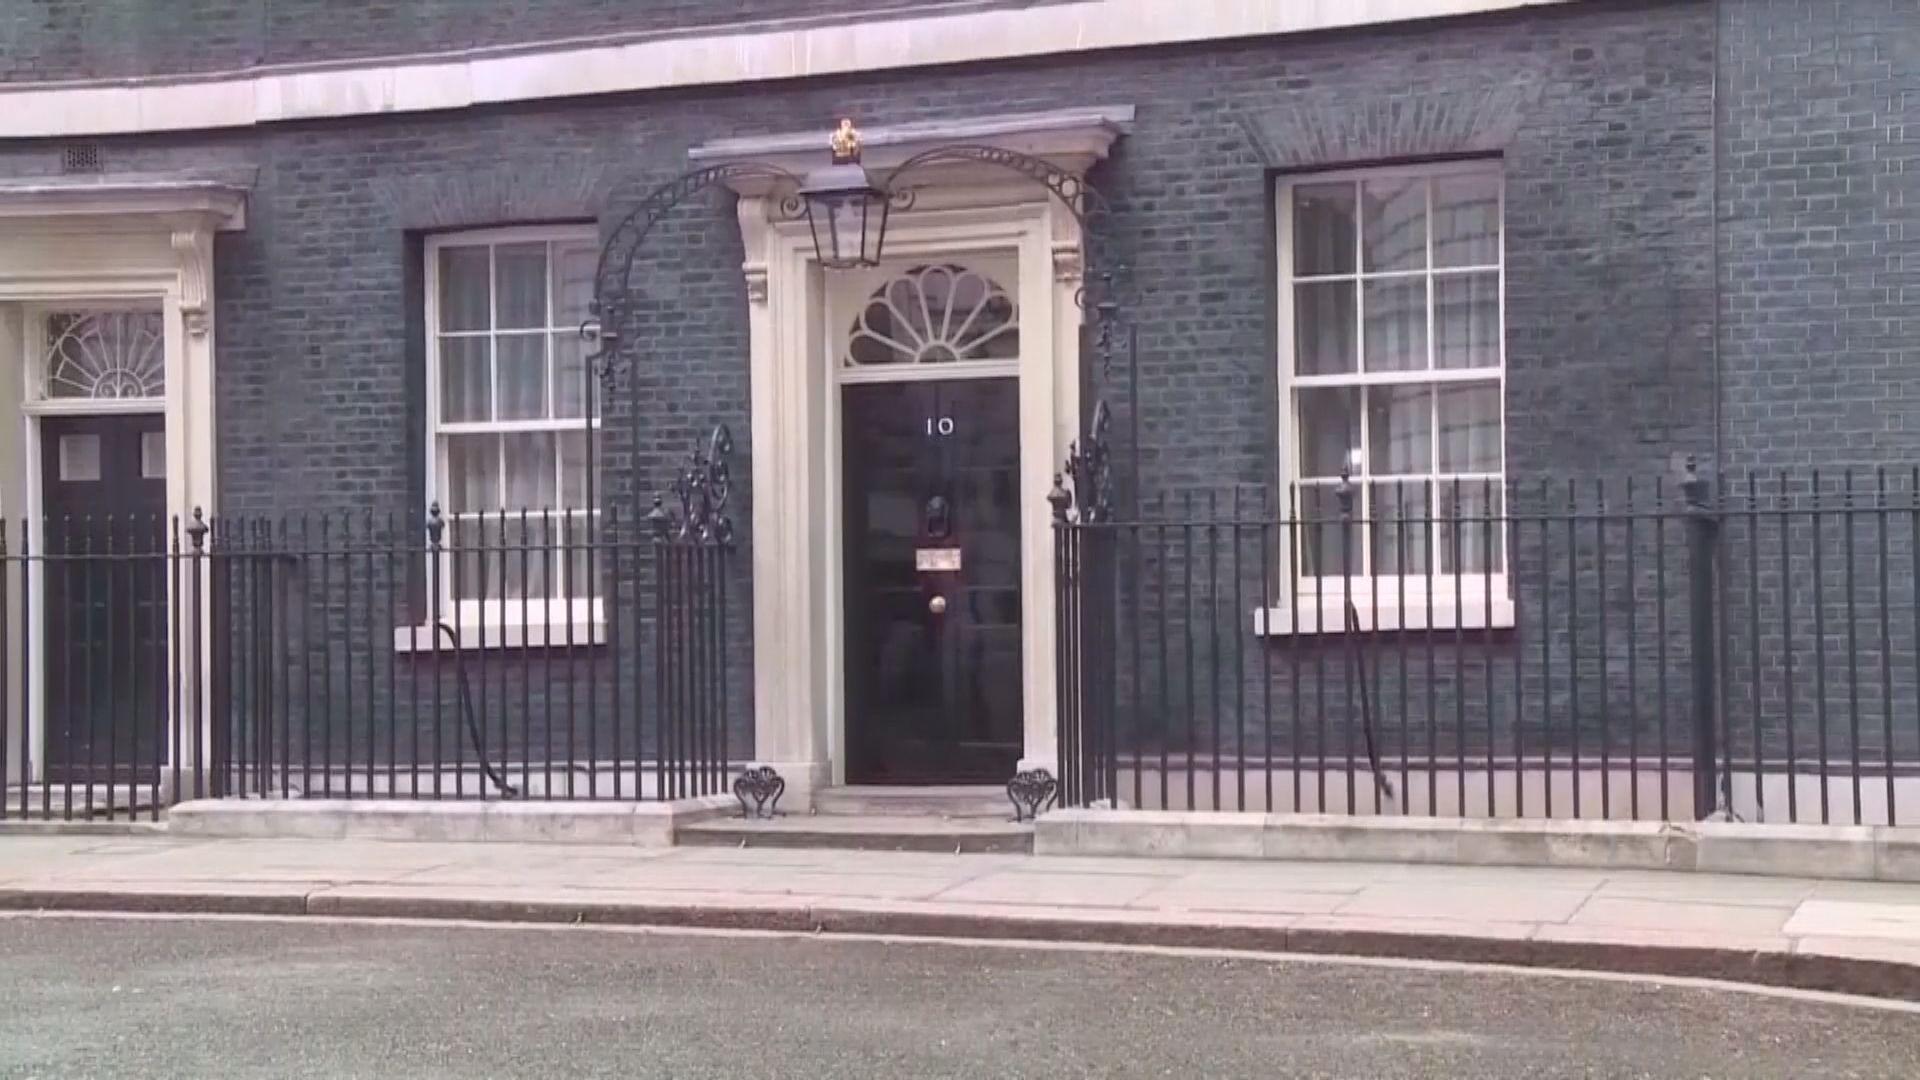 英國政府表明不會太早放寬封鎖措施